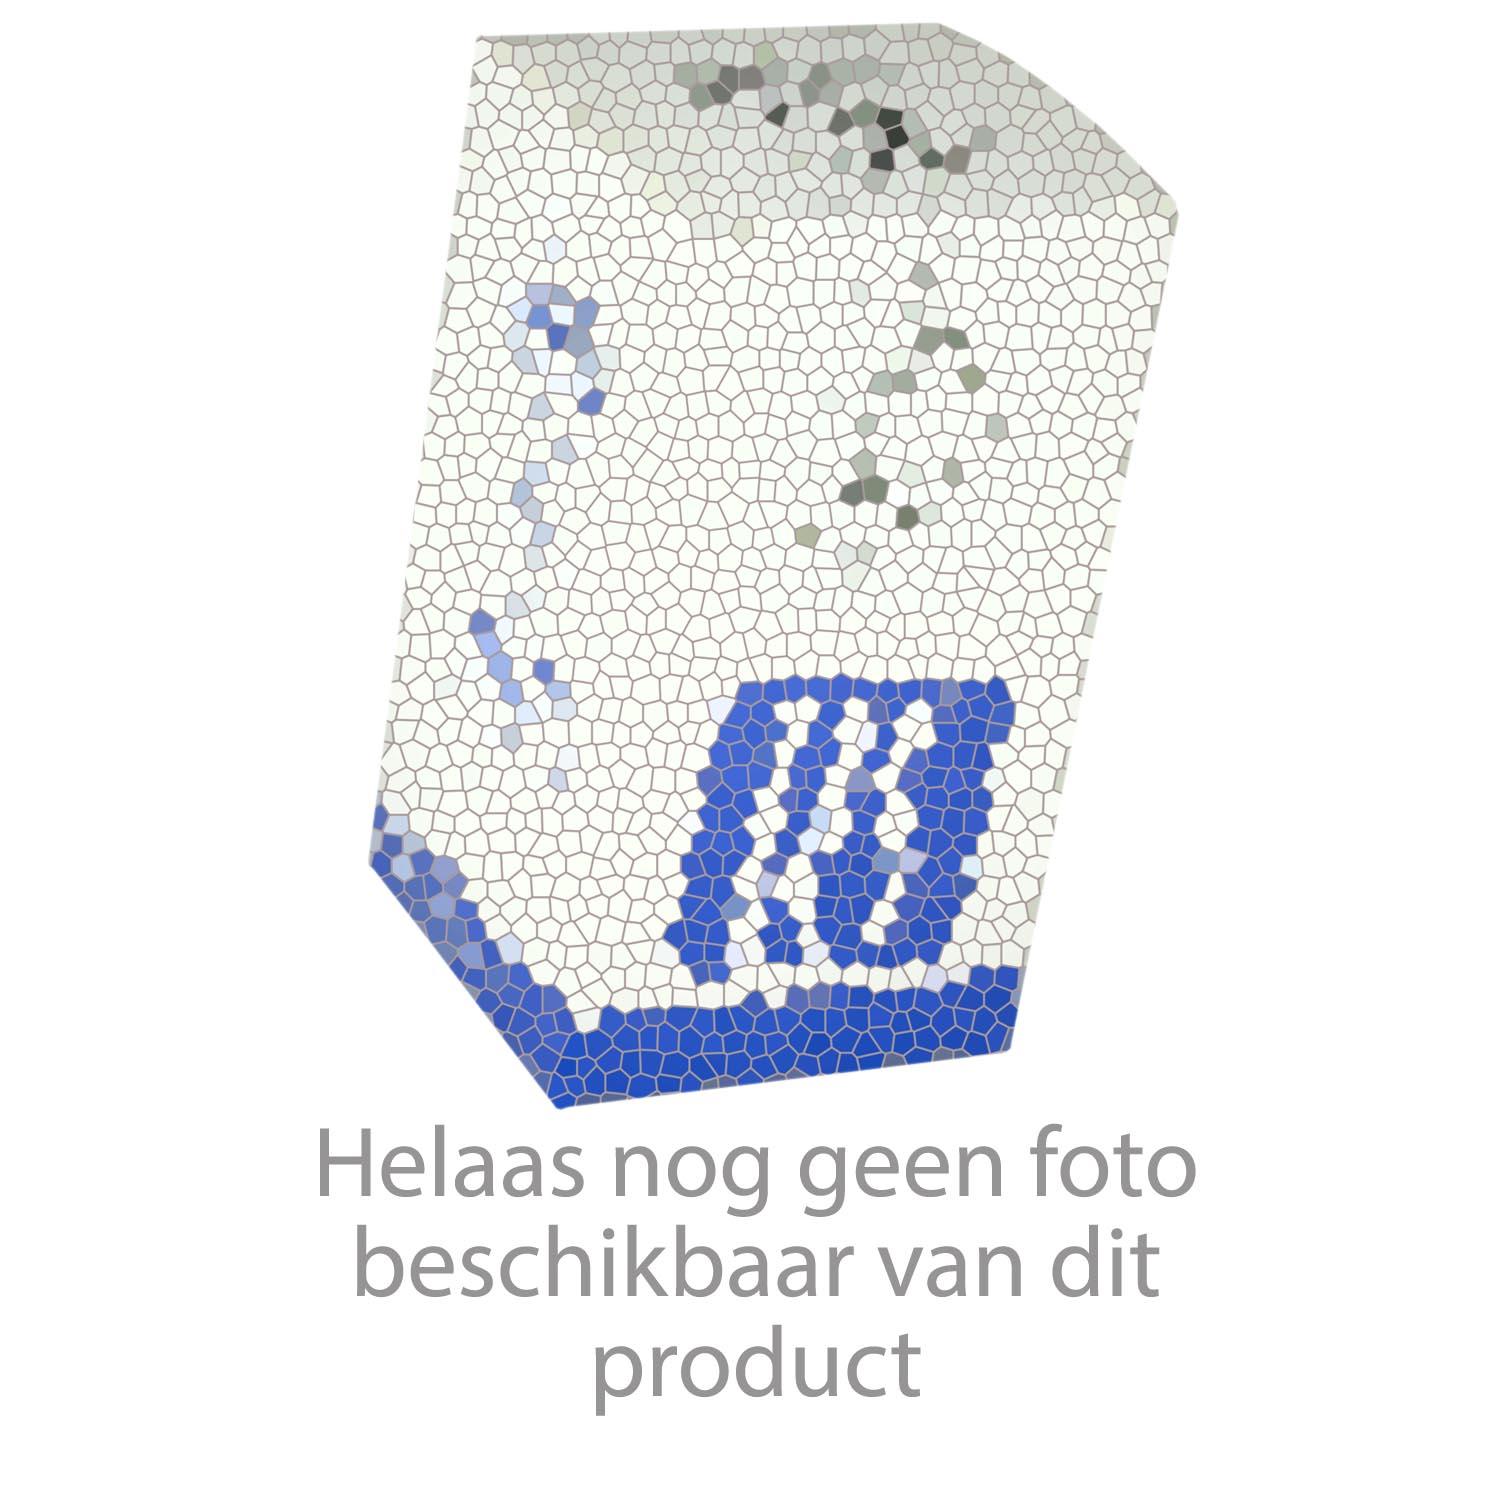 Geberit Gis urinoir element bediening niet zichtbaar hoog 114x132cn